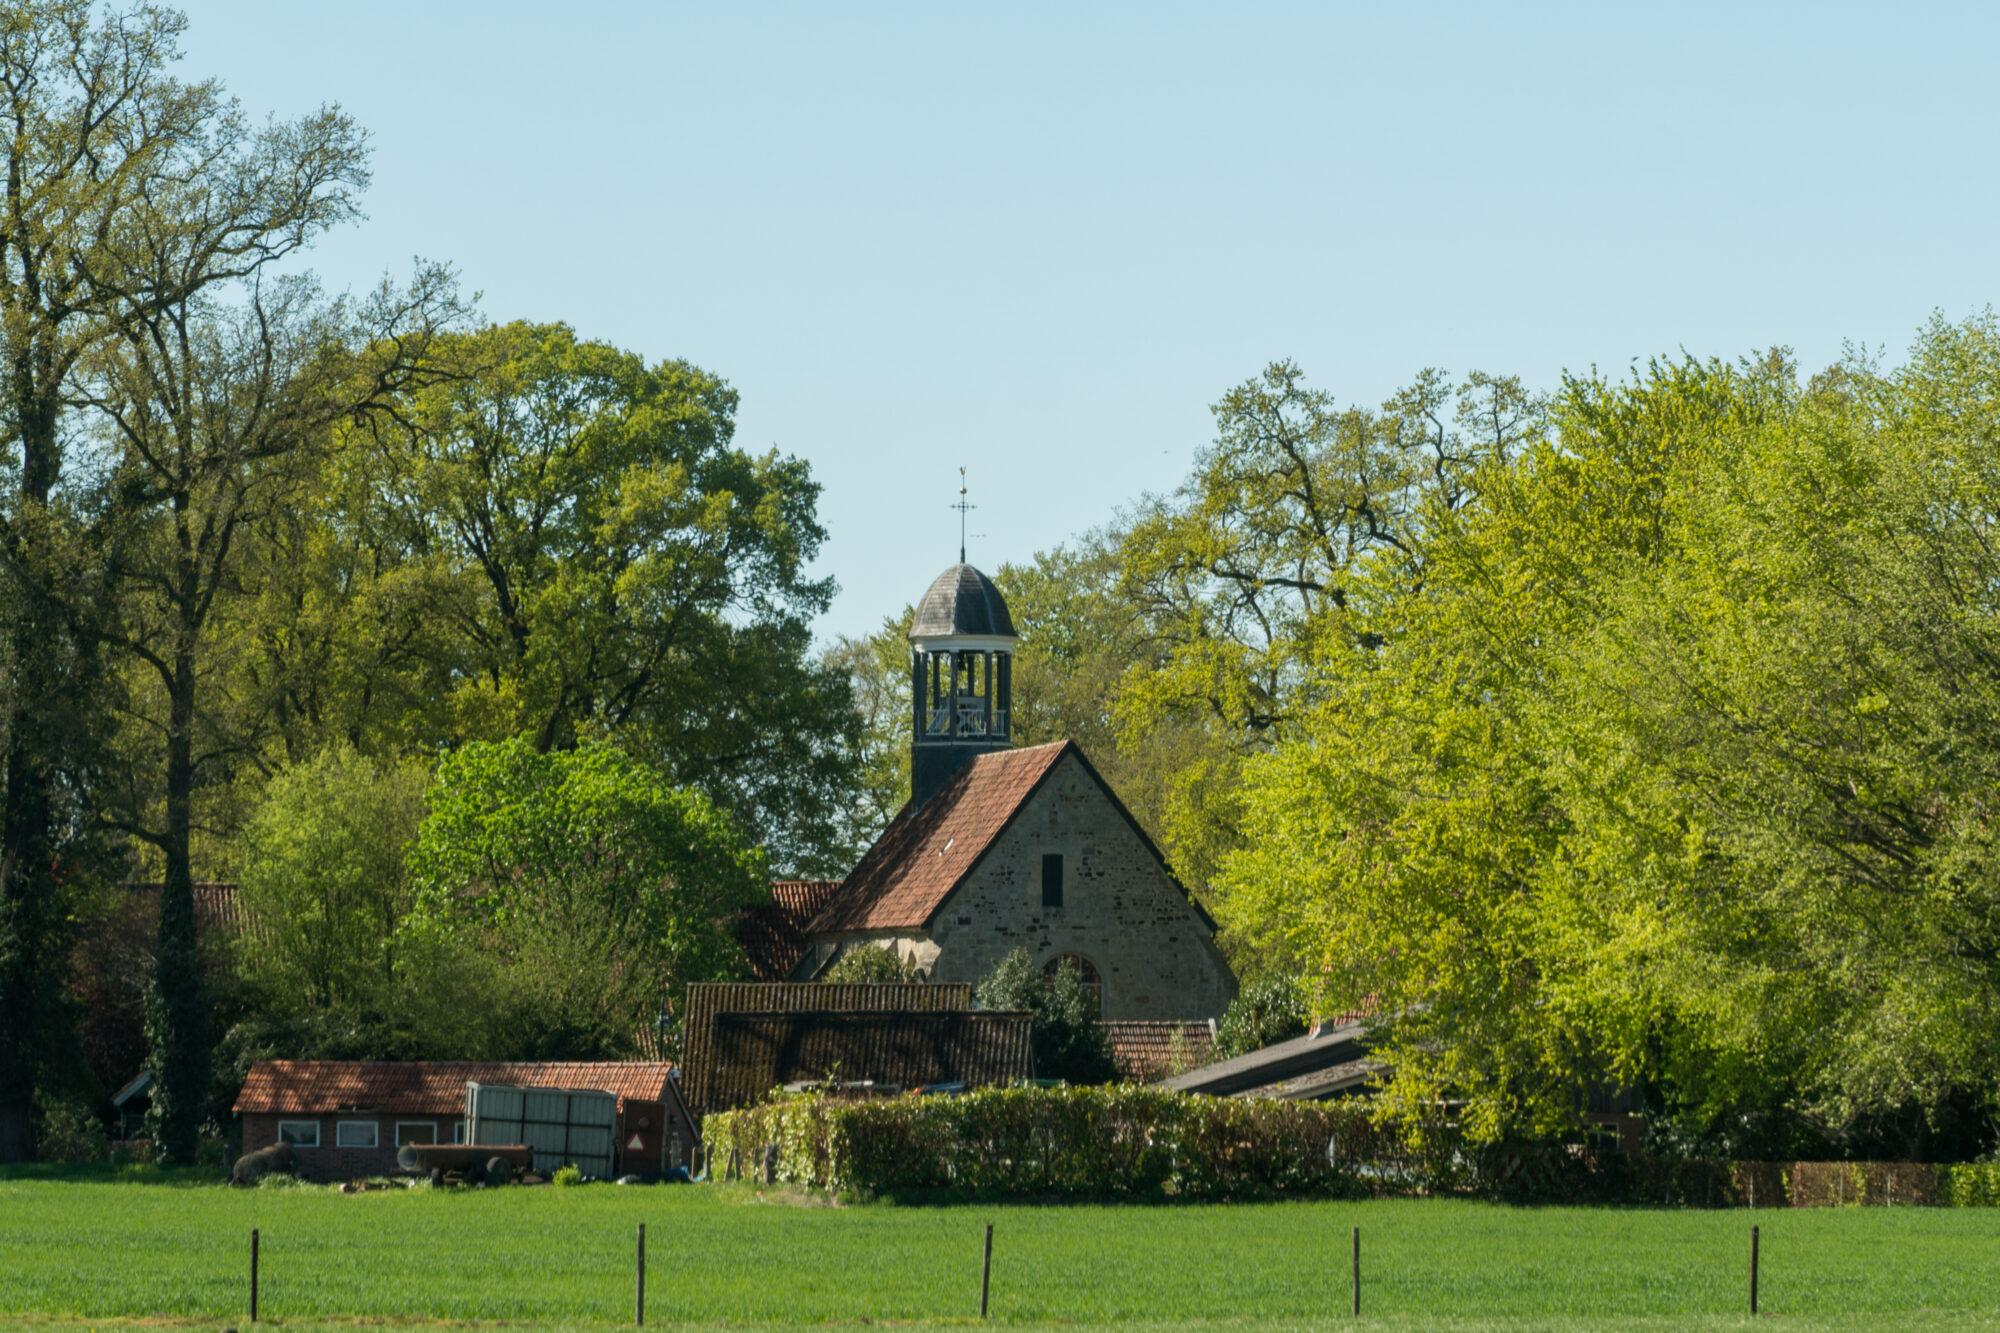 Stiftkerk